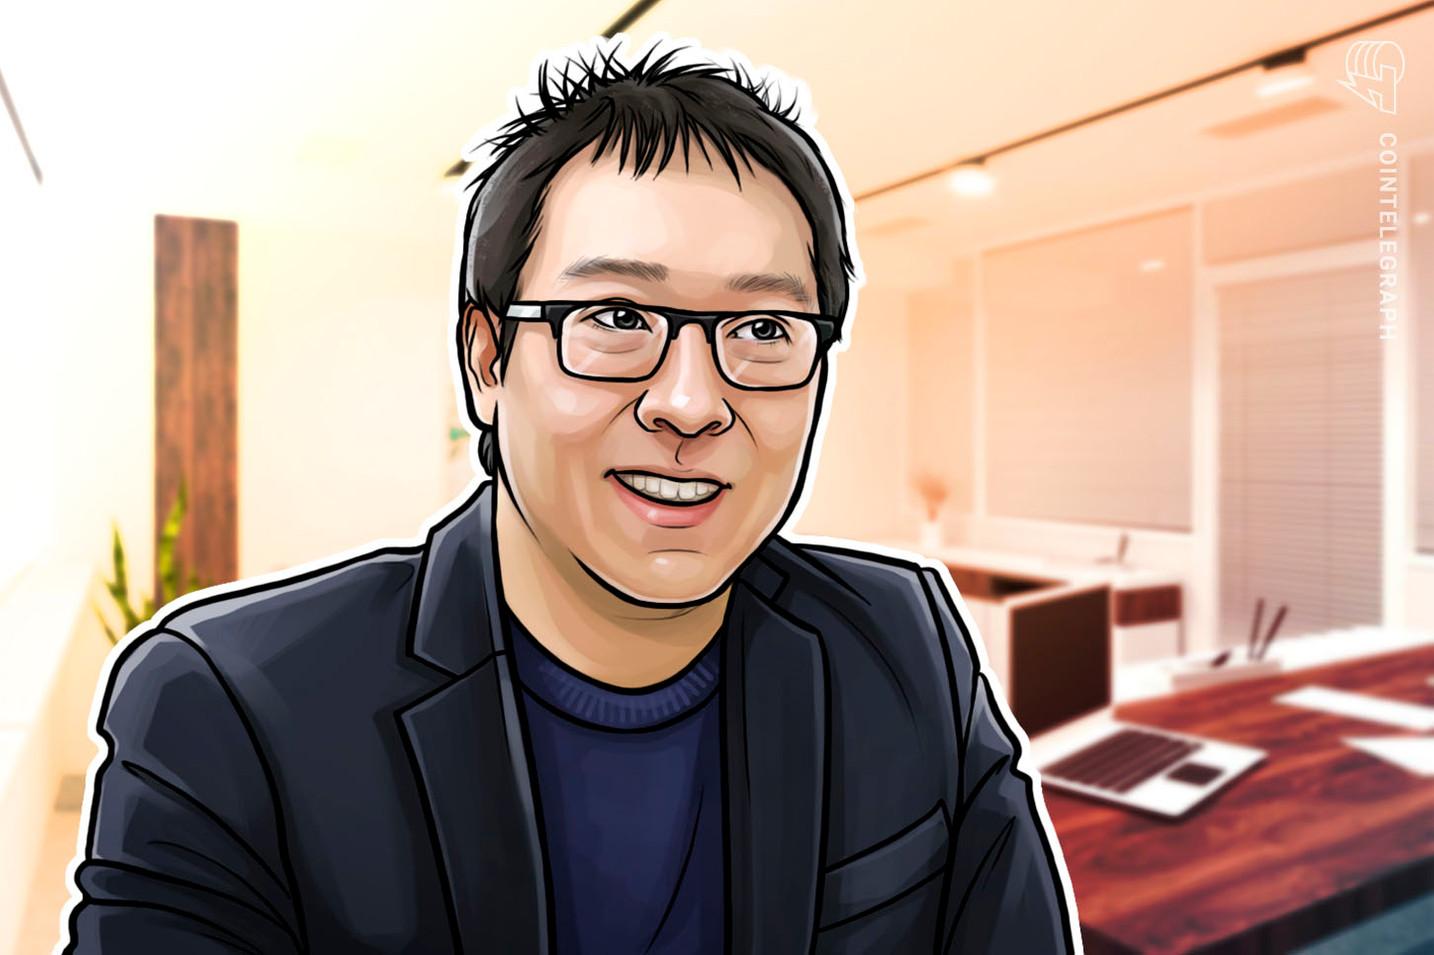 ¿De qué manera blockchain está mejorando los juegos? ¿Es Adam Back Satoshi Nakamoto? Samson Mow lo explica